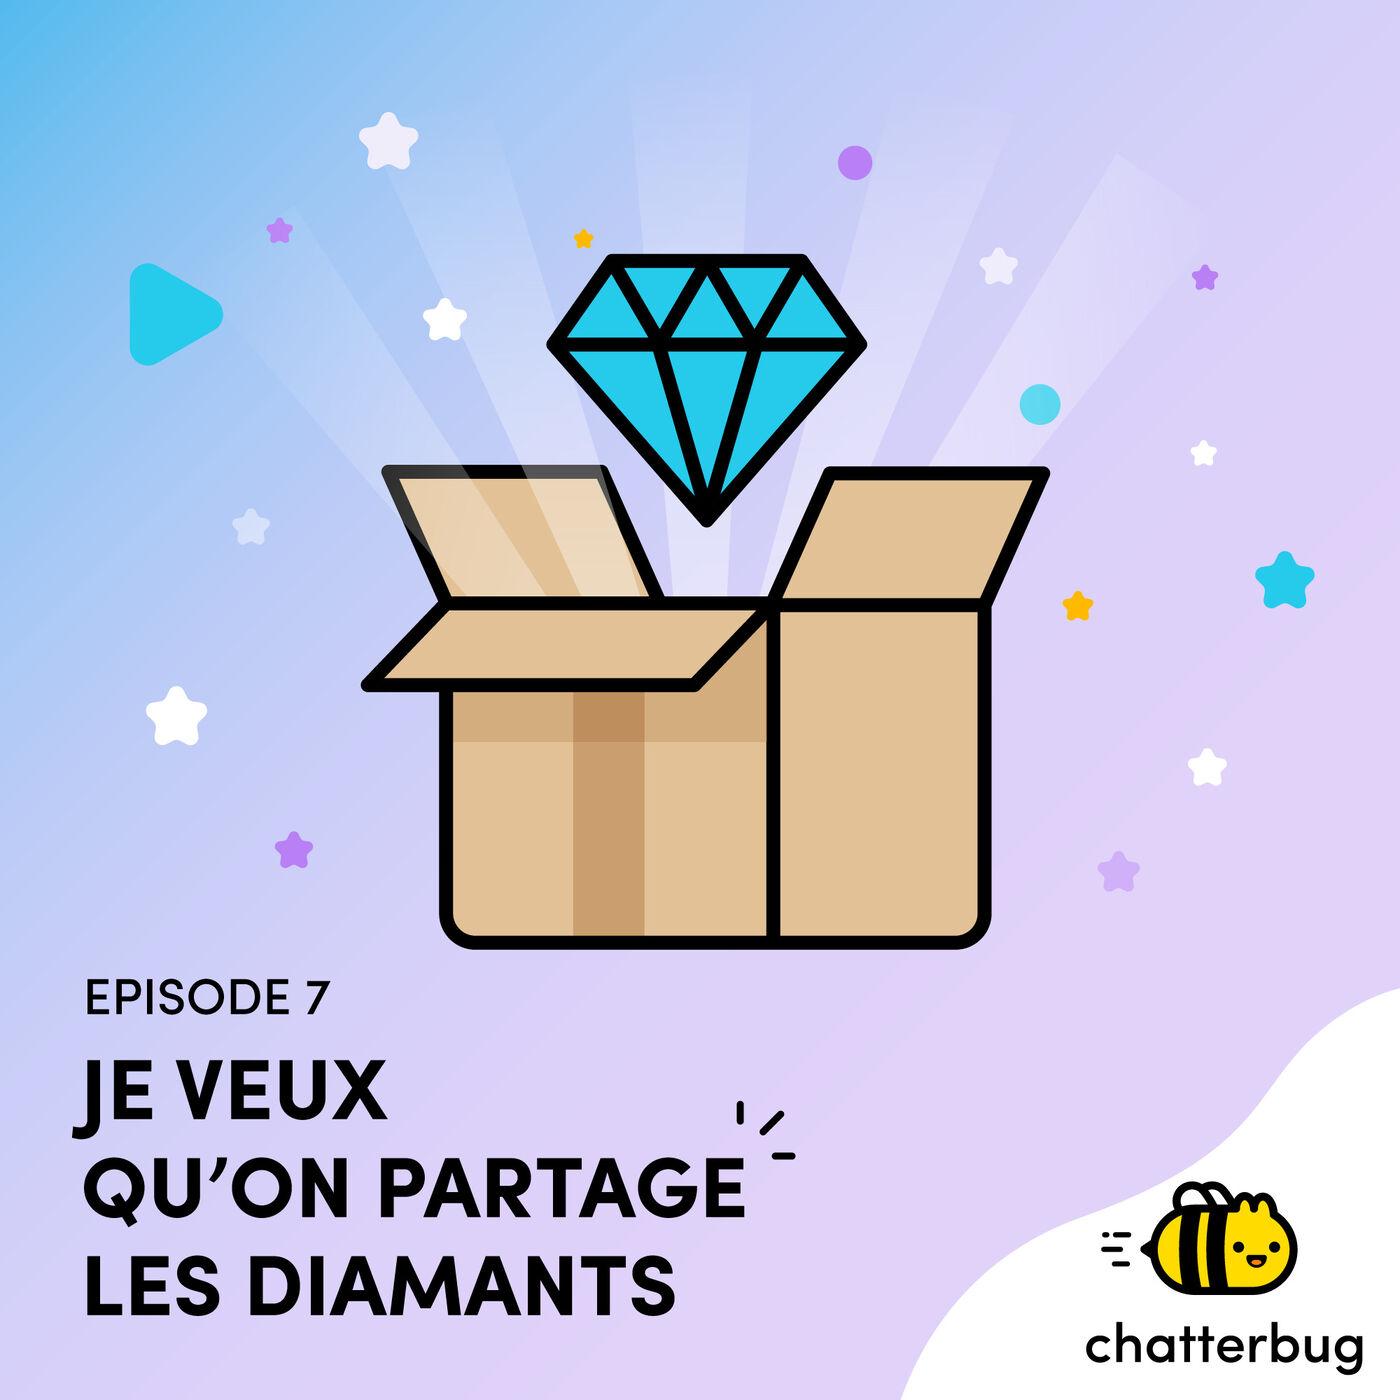 Episode 7 - Je veux qu'on partage les diamants !